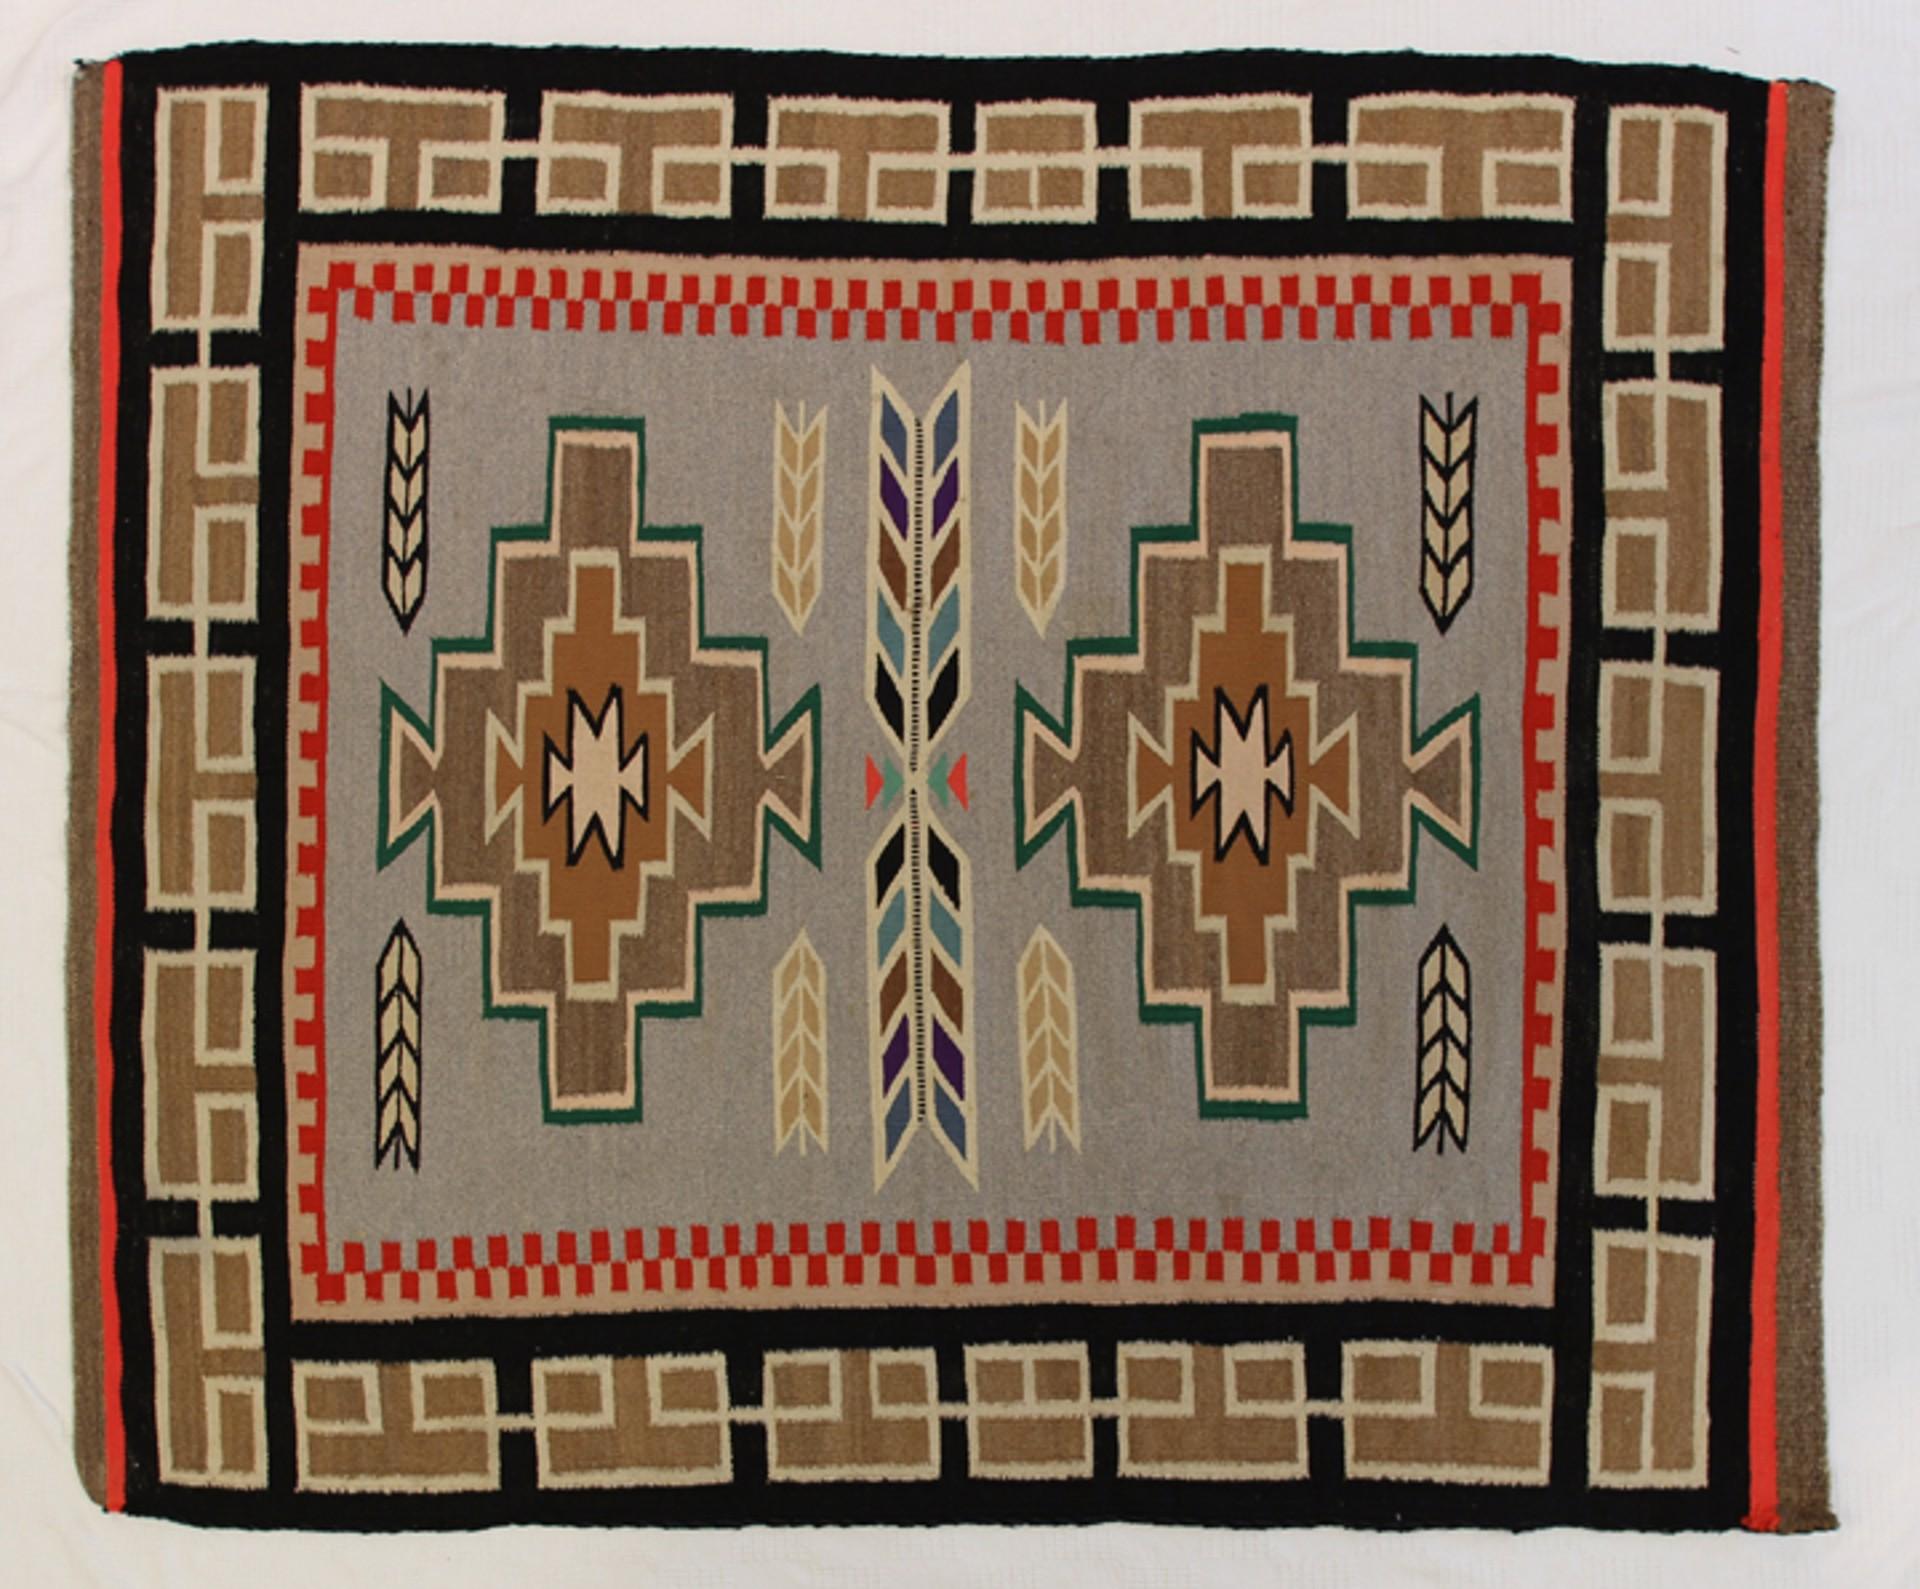 Navajo Rug #4 by Navajo Weavings